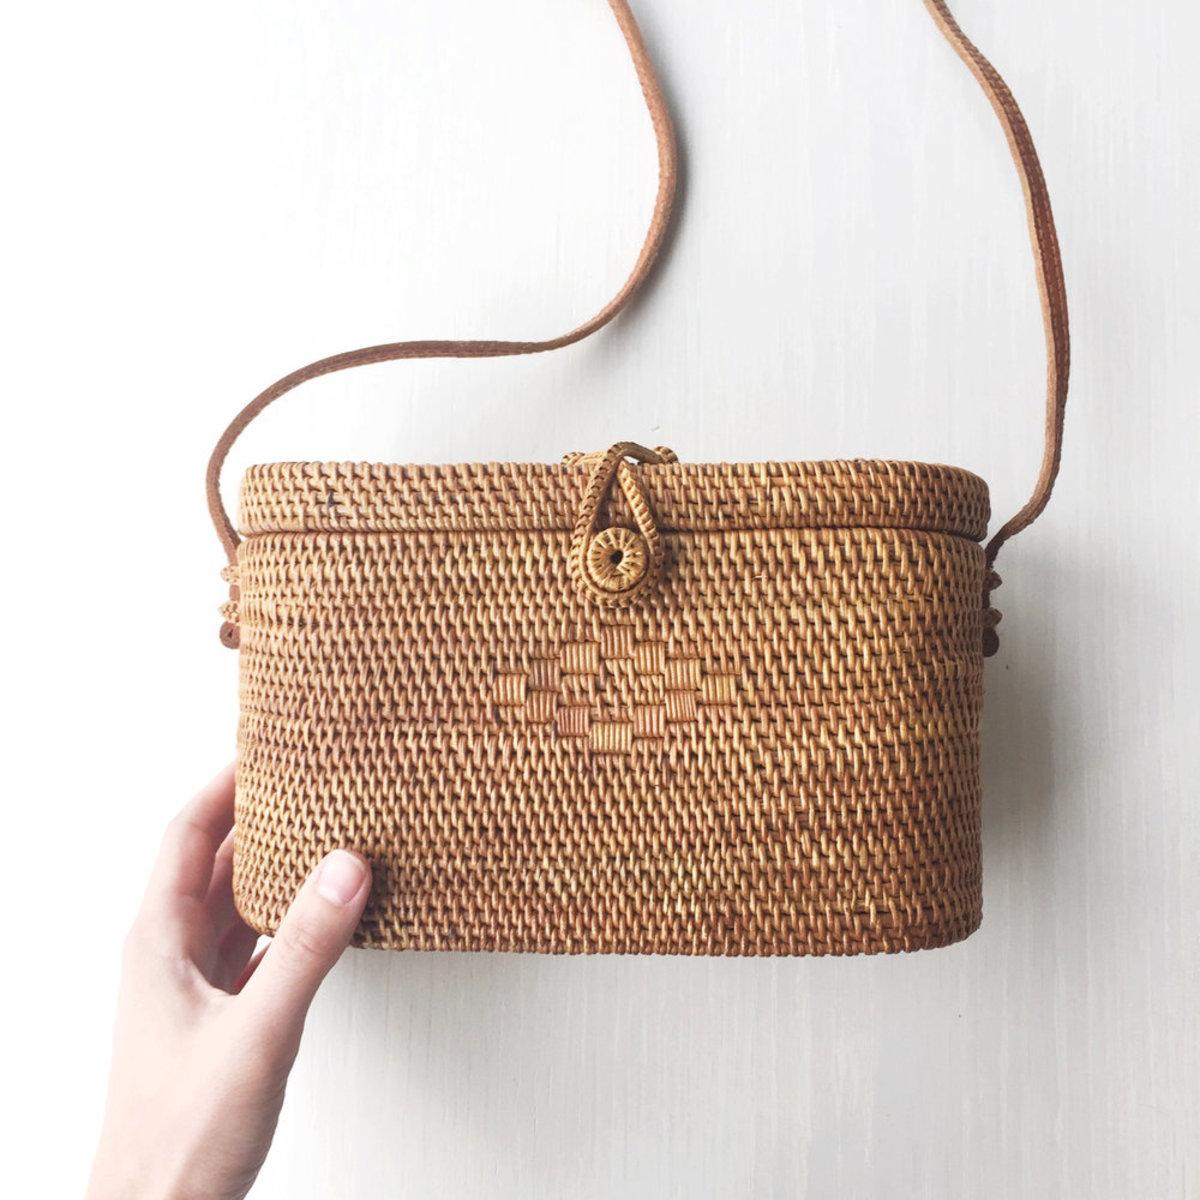 Bembien Harper Bag, $185, available at Bembien.